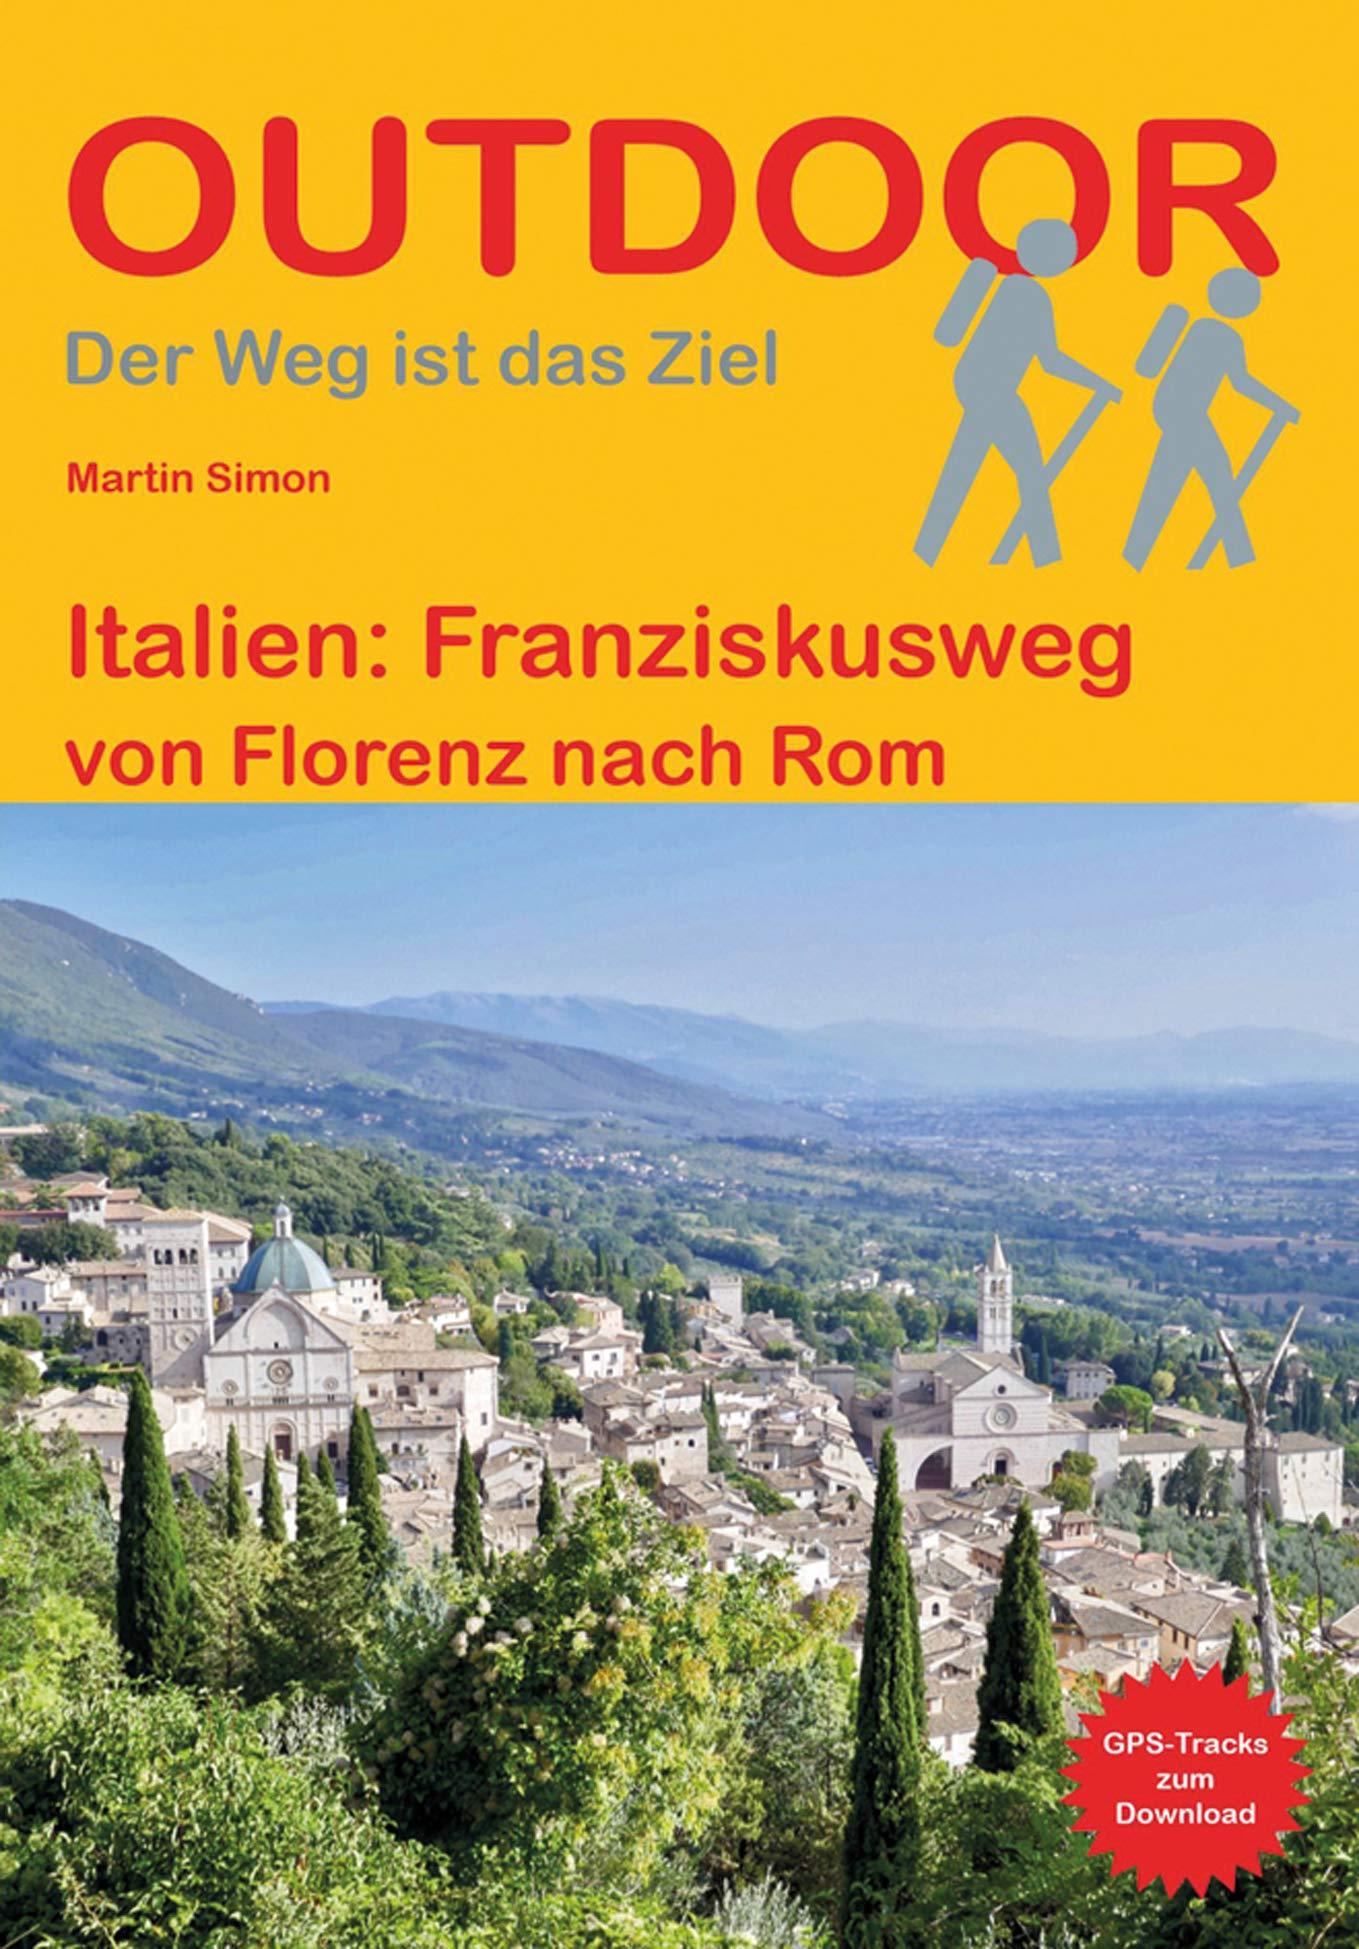 Franziskusweg : Italien | wandelgids (Duitstalig) 9783866866324  Conrad Stein Verlag Outdoor - Der Weg ist das Ziel  Lopen naar Rome, Meerdaagse wandelroutes, Wandelgidsen Midden-Italië